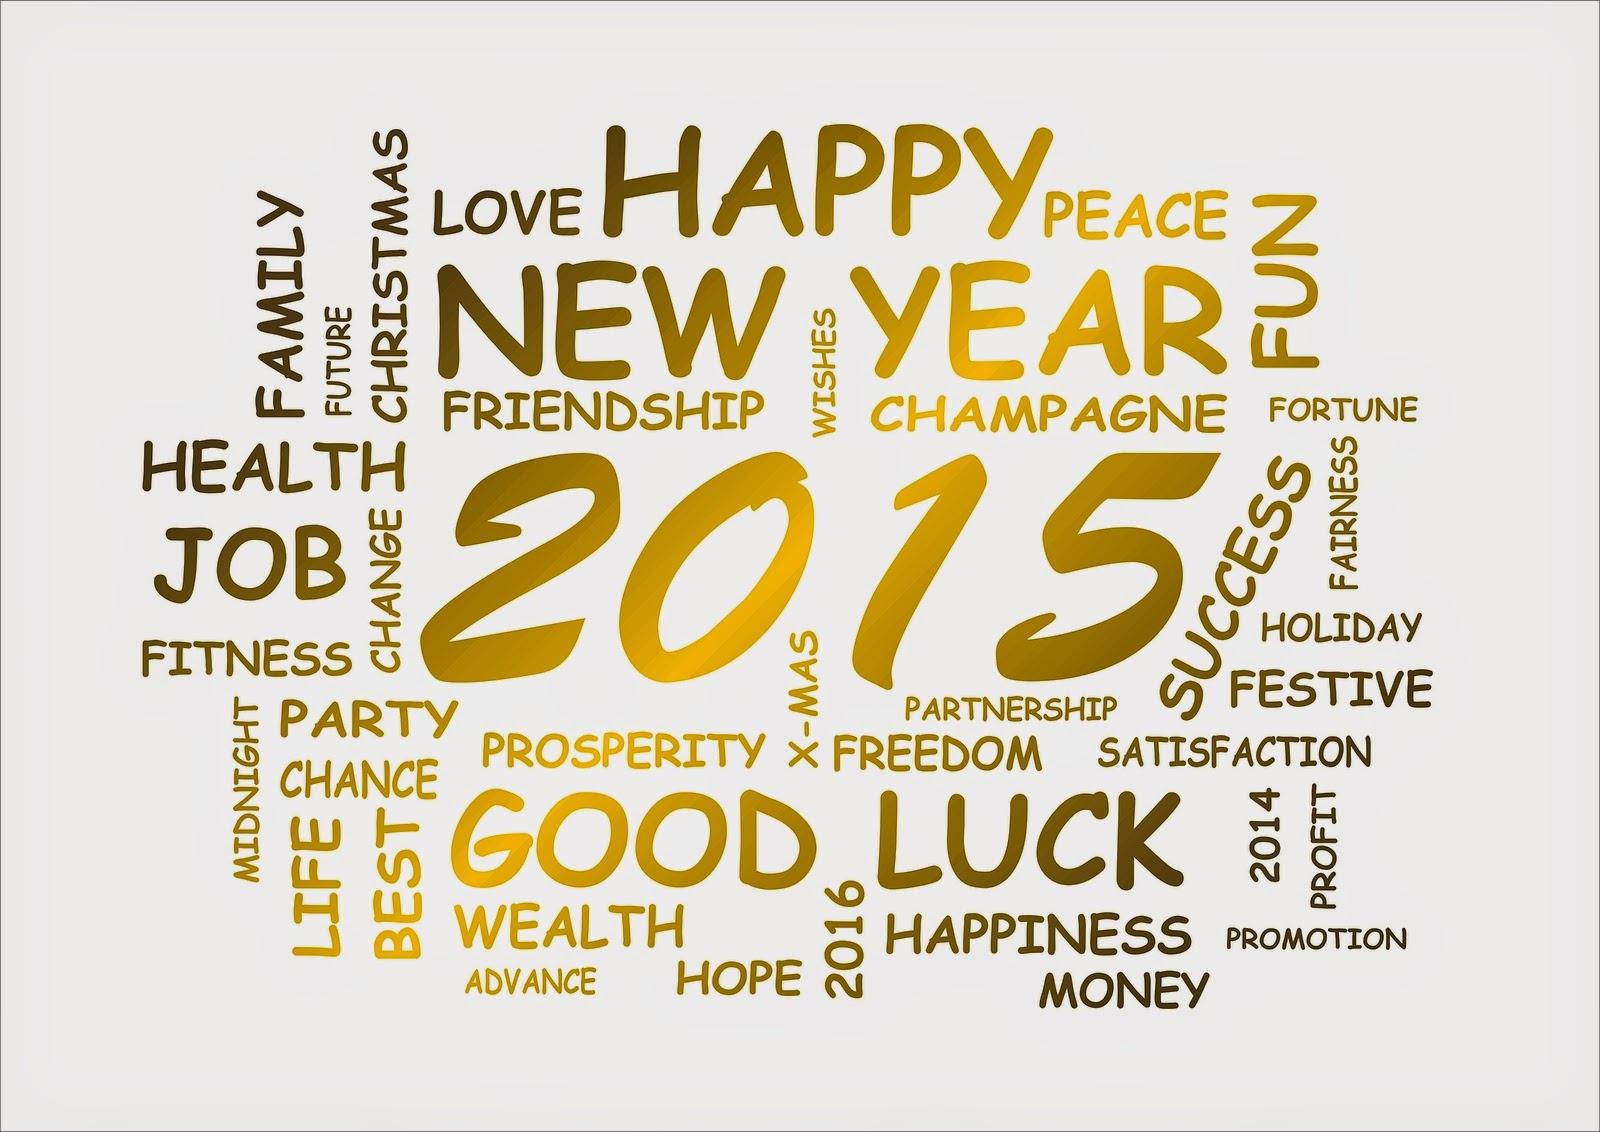 أجمل بطاقات تهنئة بالعام الميلادى الجديد 2015 صور وكروت بمناسبة رأس السنة